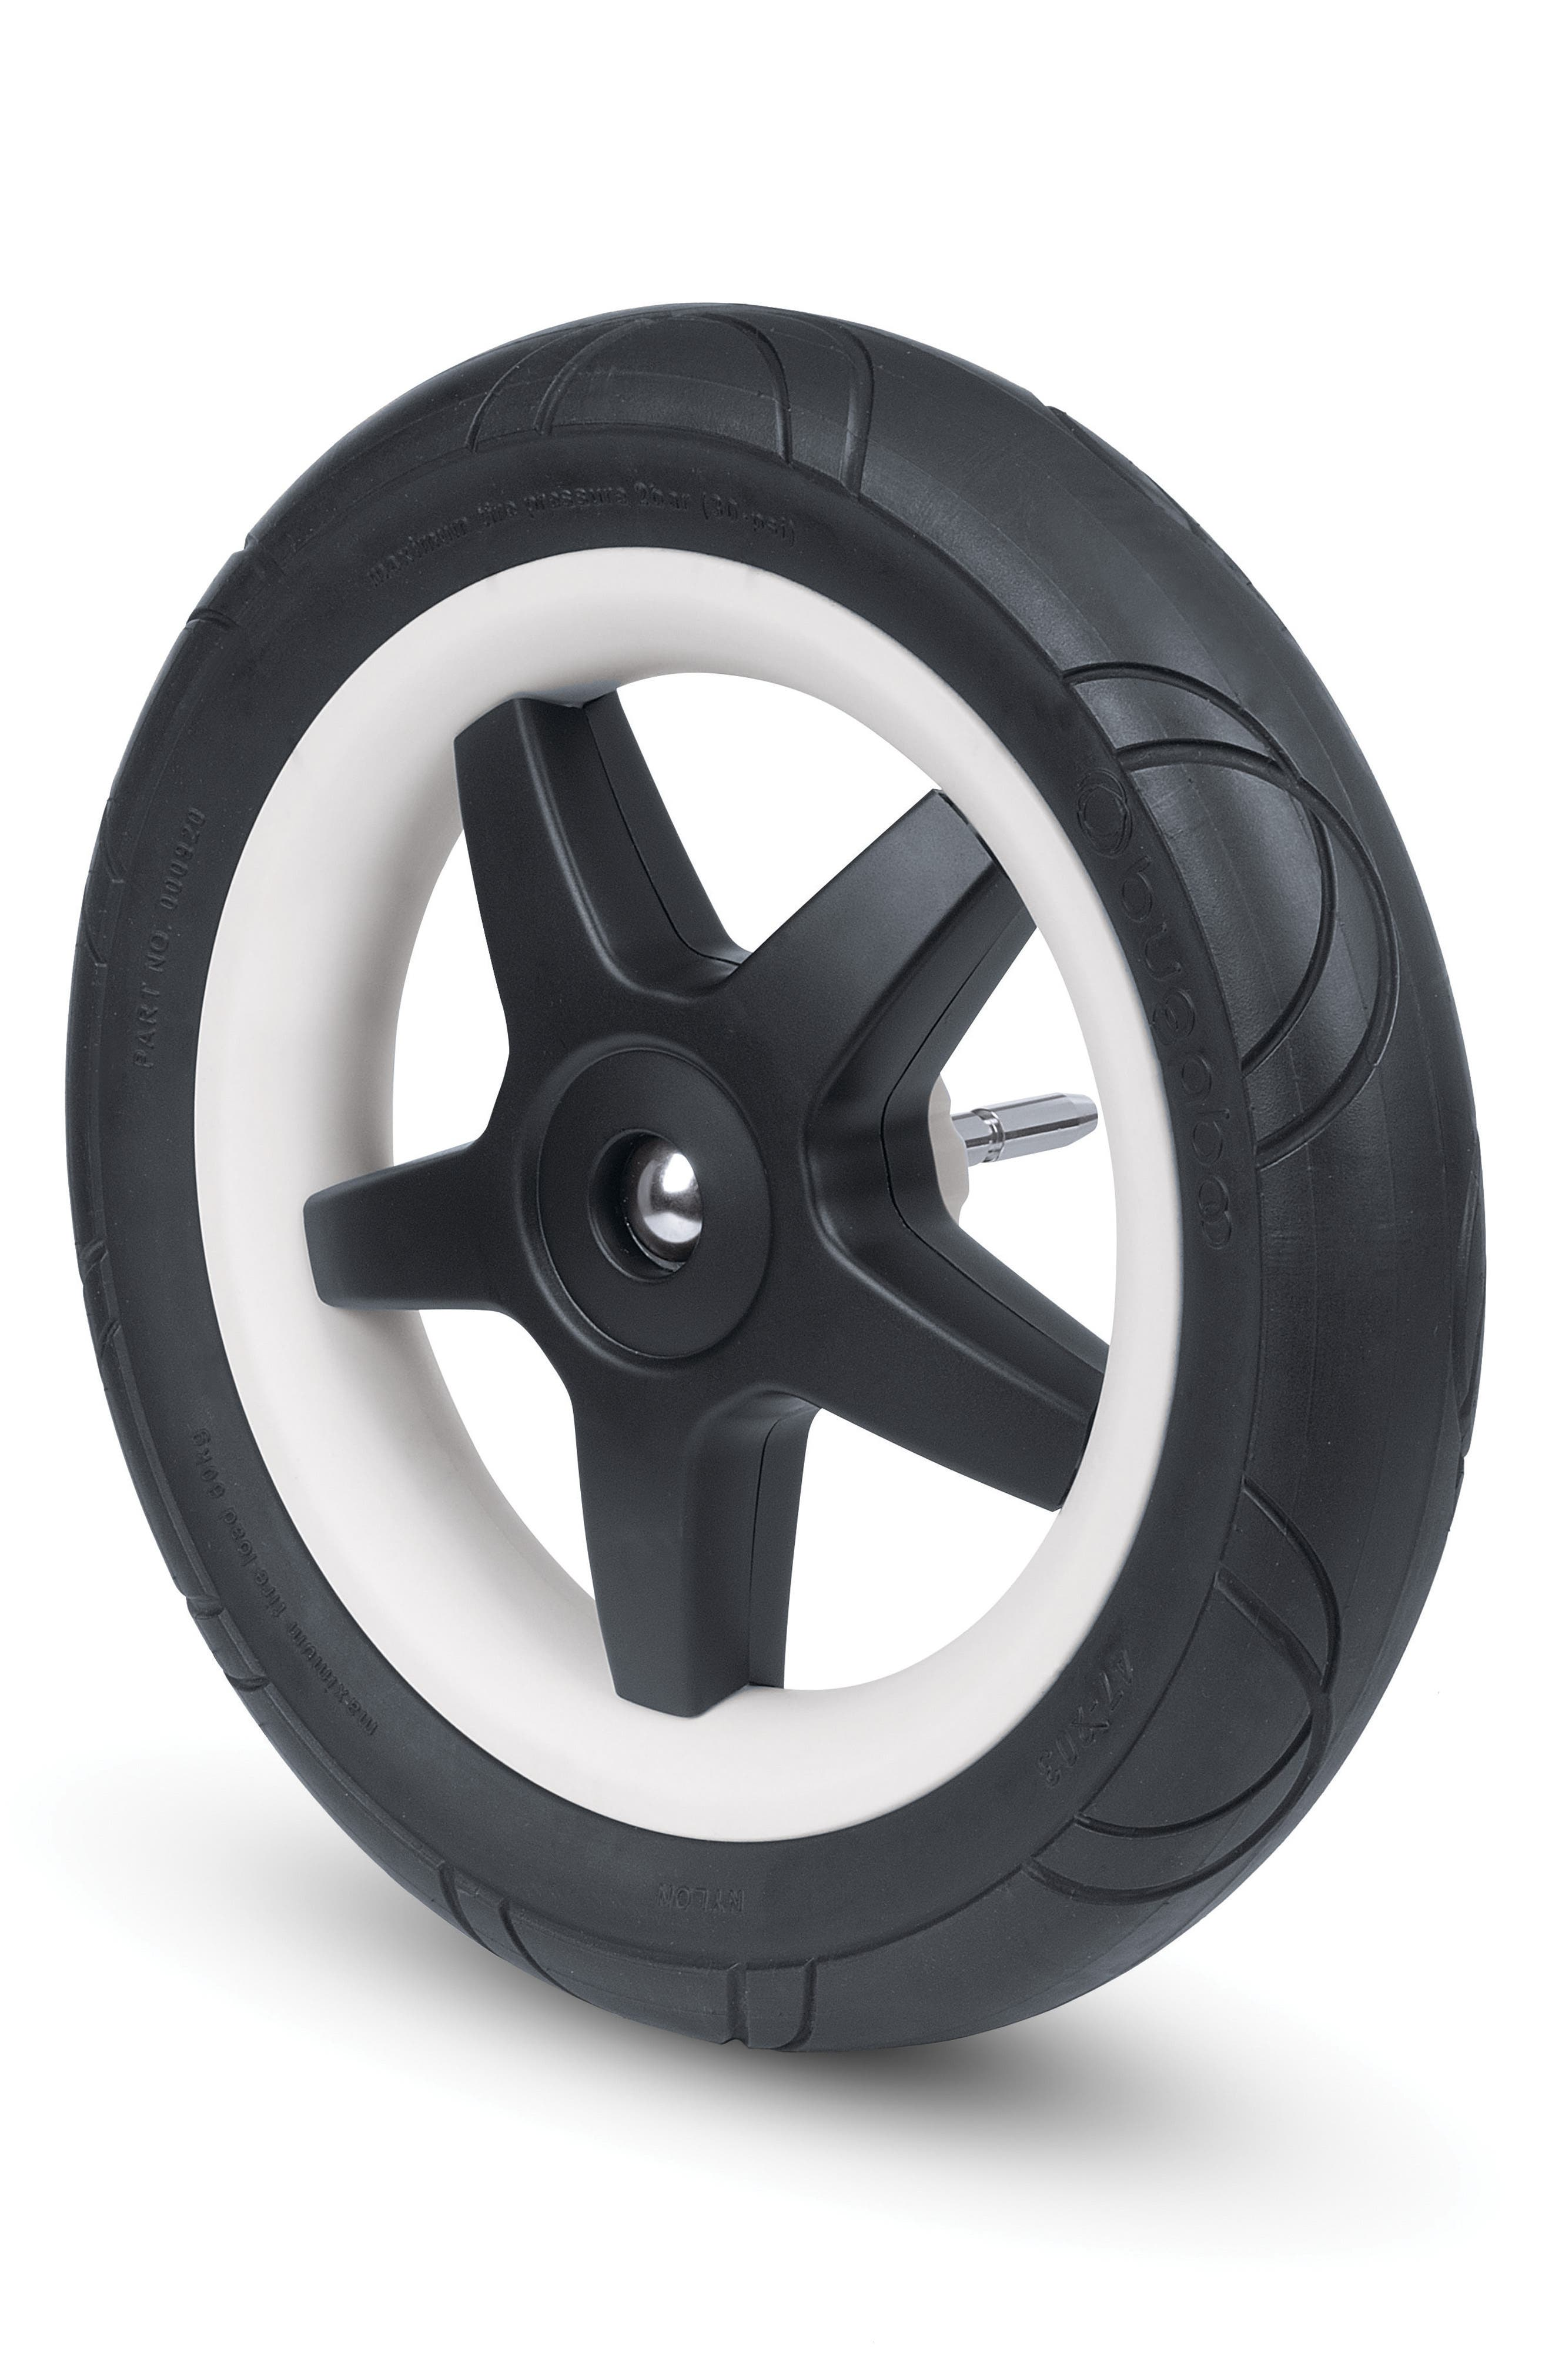 Bugaboo 2-Piece Foam Wheel Set for Donkey Series Strollers